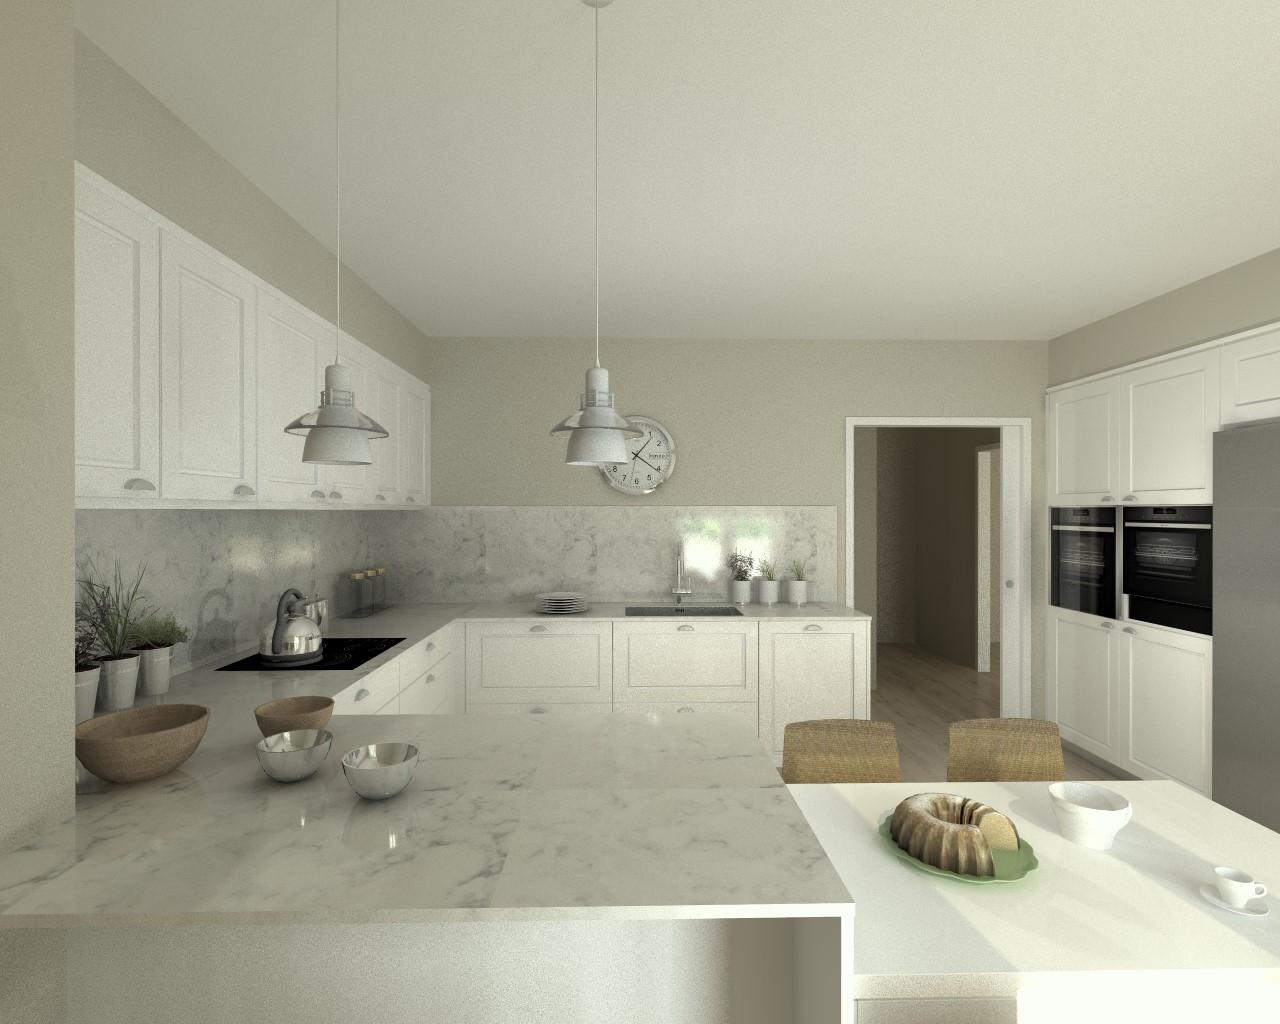 Aravaca cocina santos modelo epoca laca seda blanca for Cocinas blancas con silestone